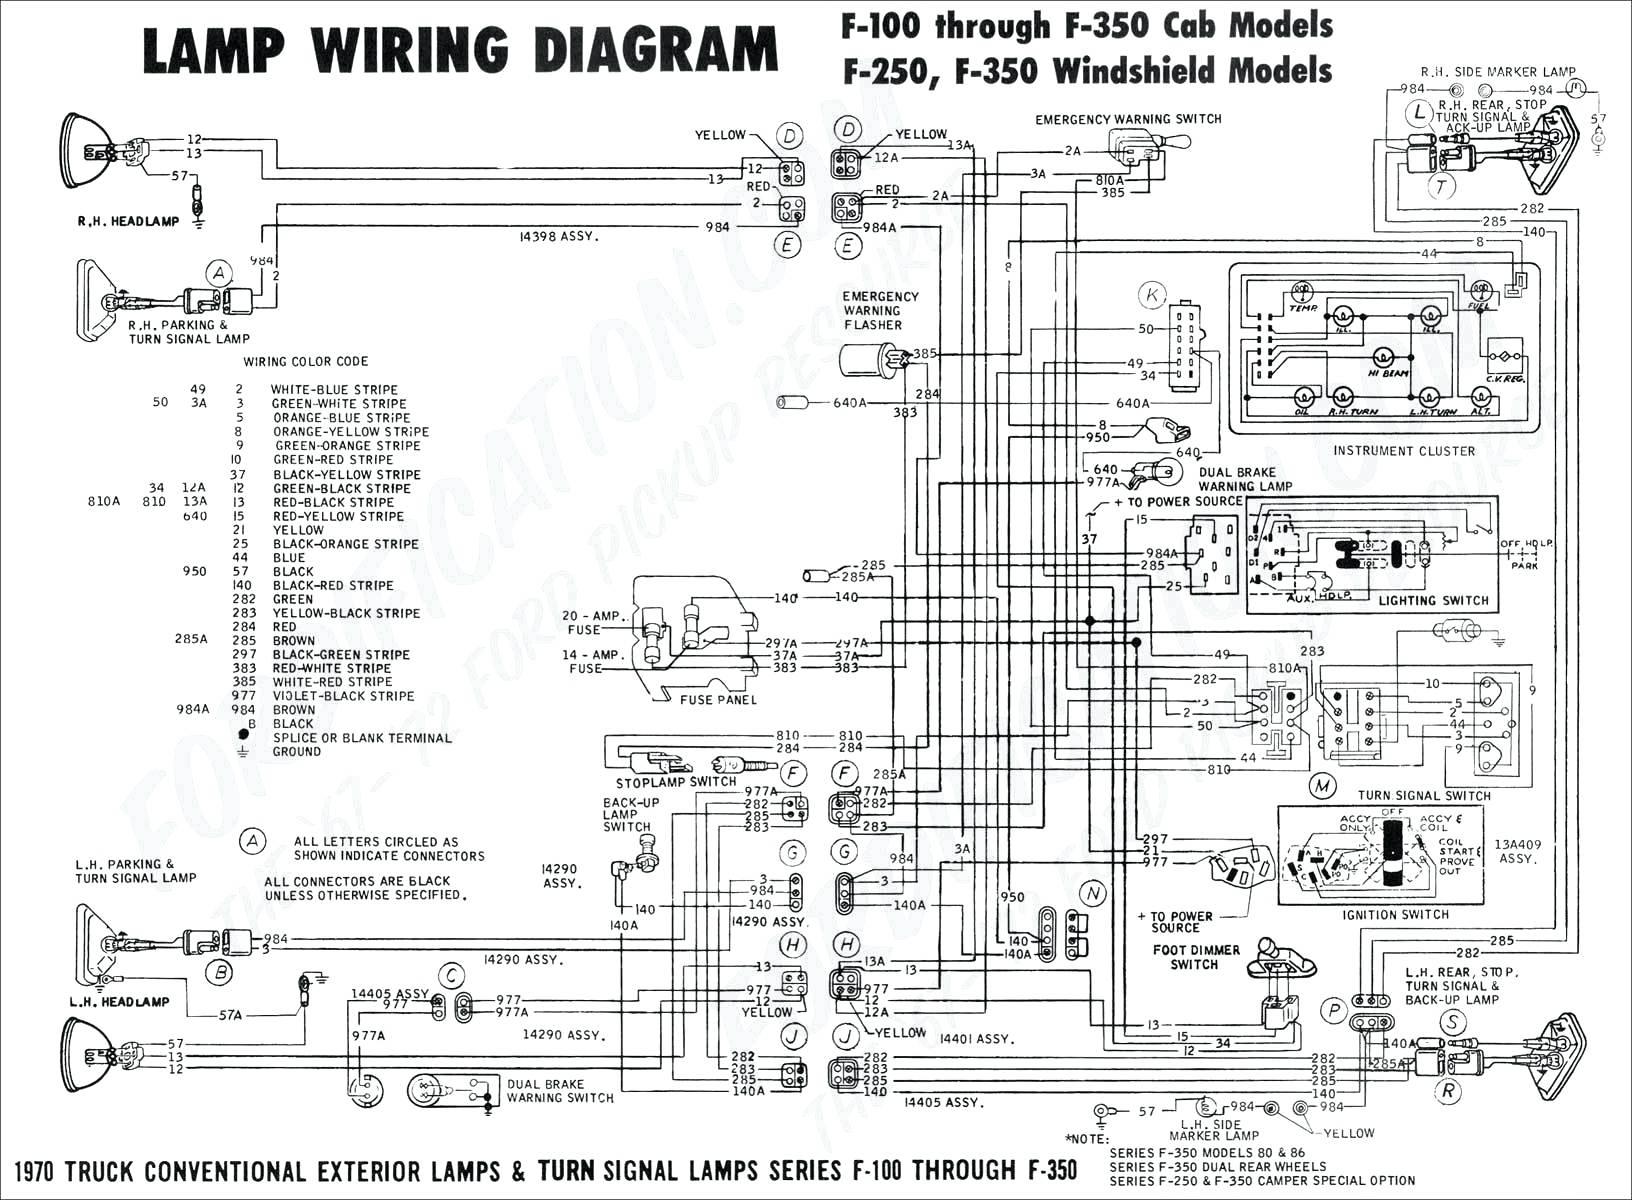 Http Cjrmorg Wiring533 - Diagram Schematics on